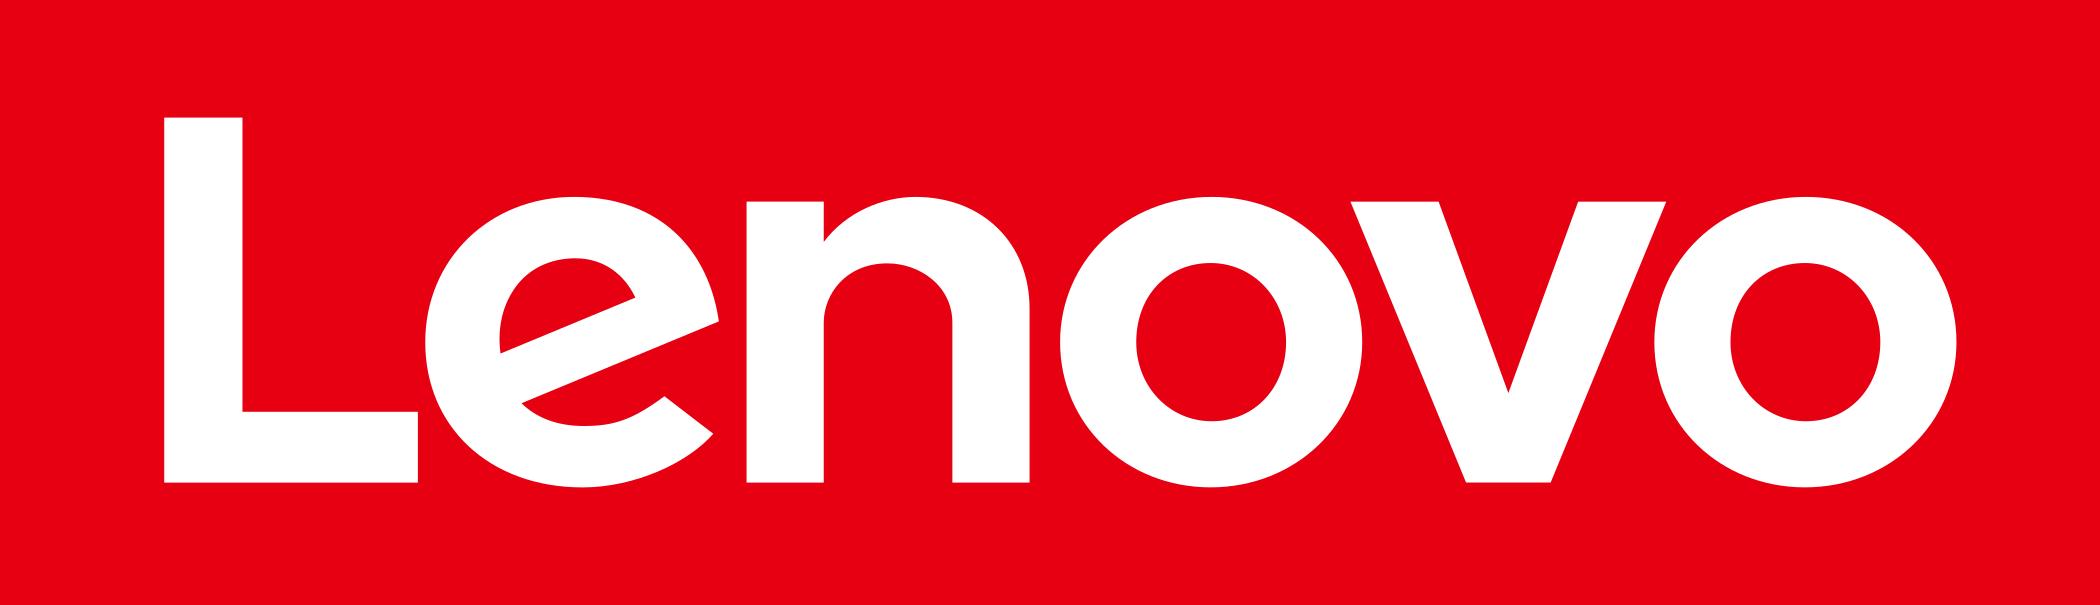 lenovo logo 3 - Lenovo Logo